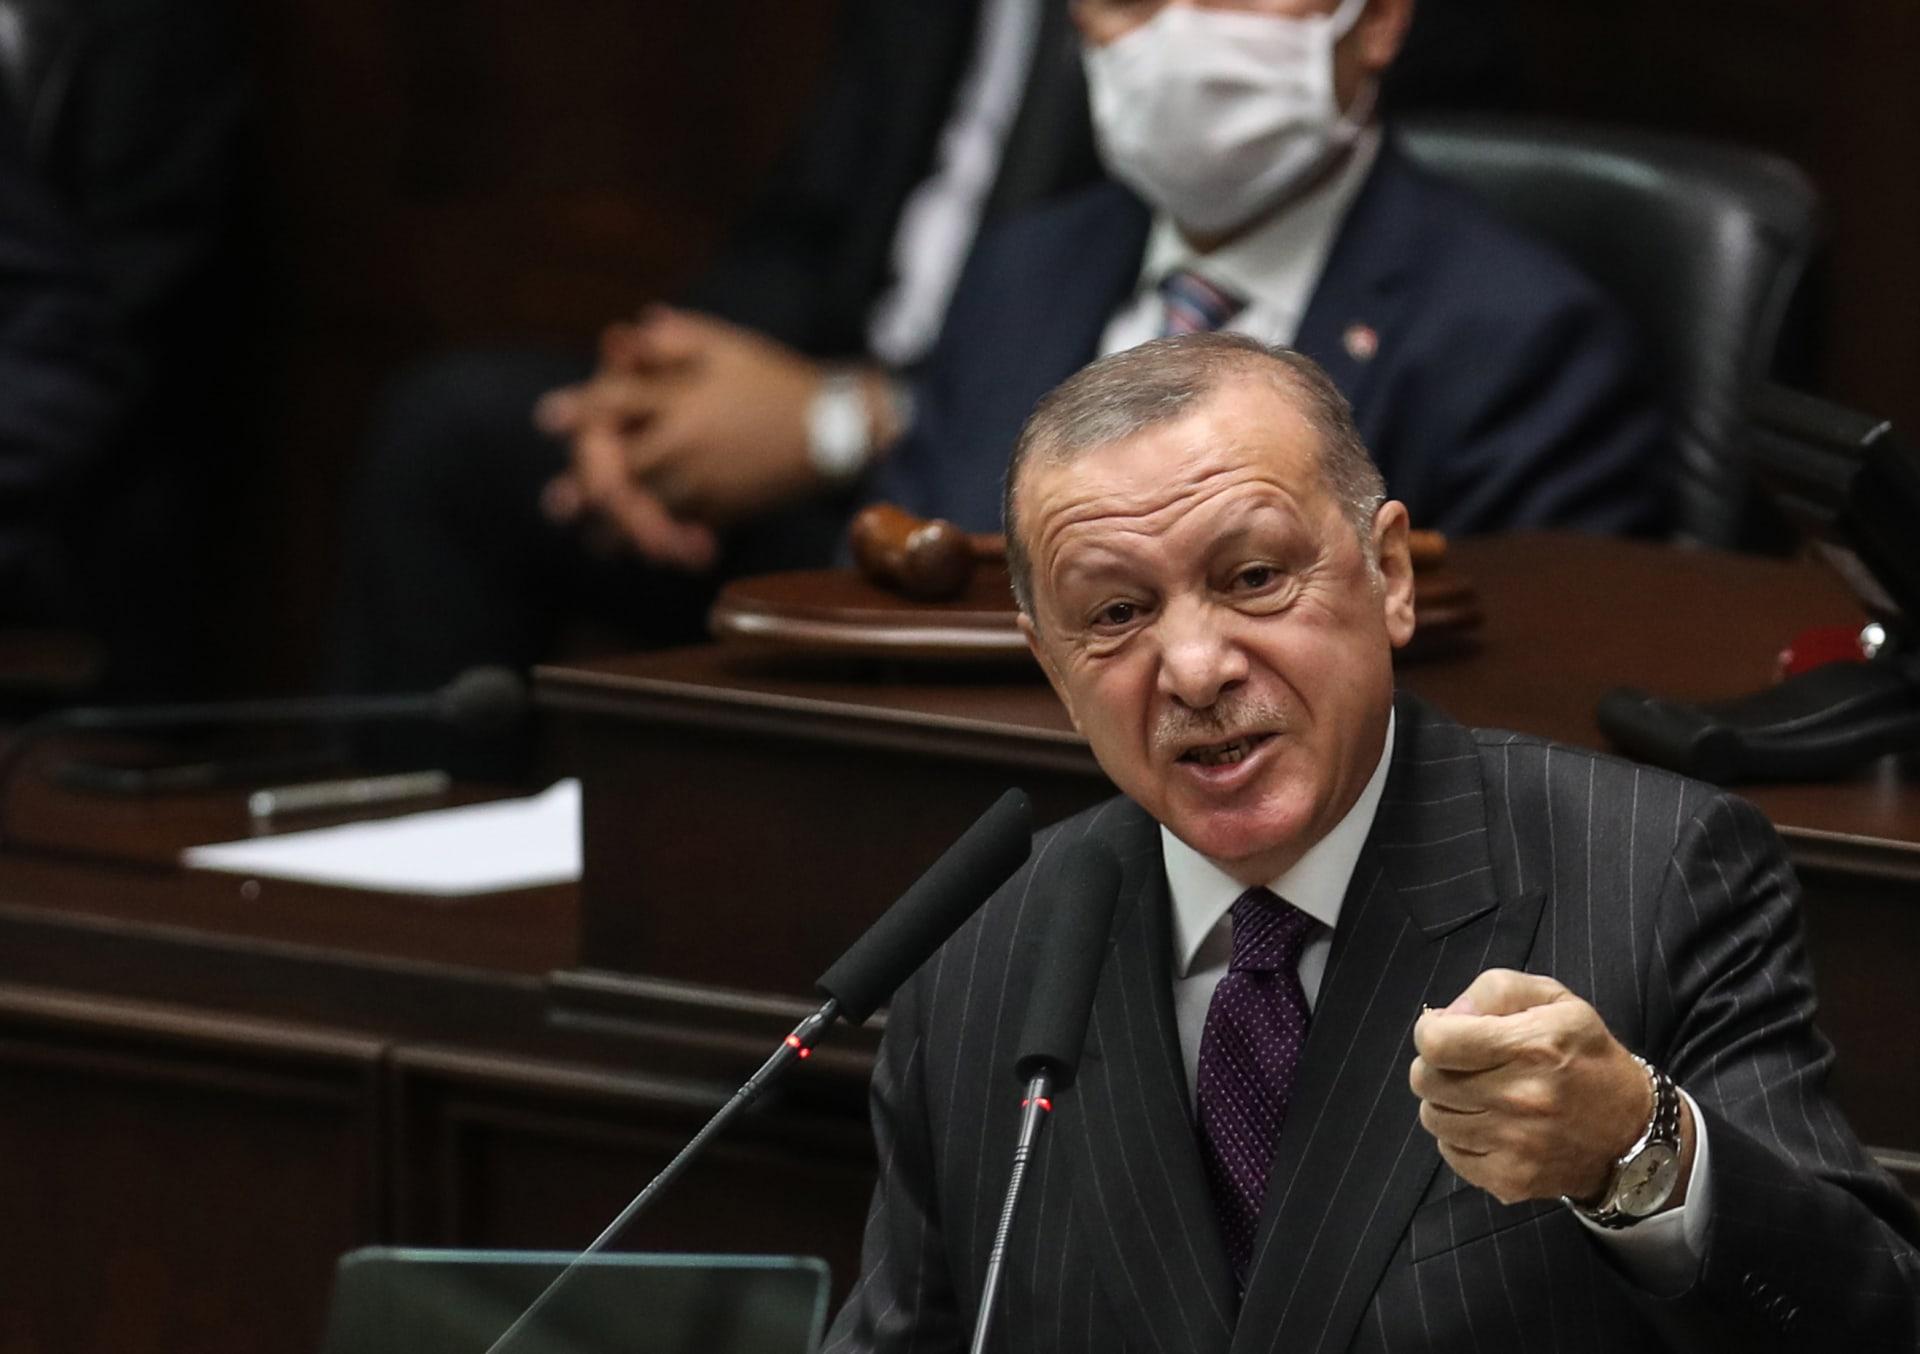 أول تعليق لأردوغان على تجربة تركيا منظومة إس 400 الروسية.. ورده على تحذيرات أمريكا